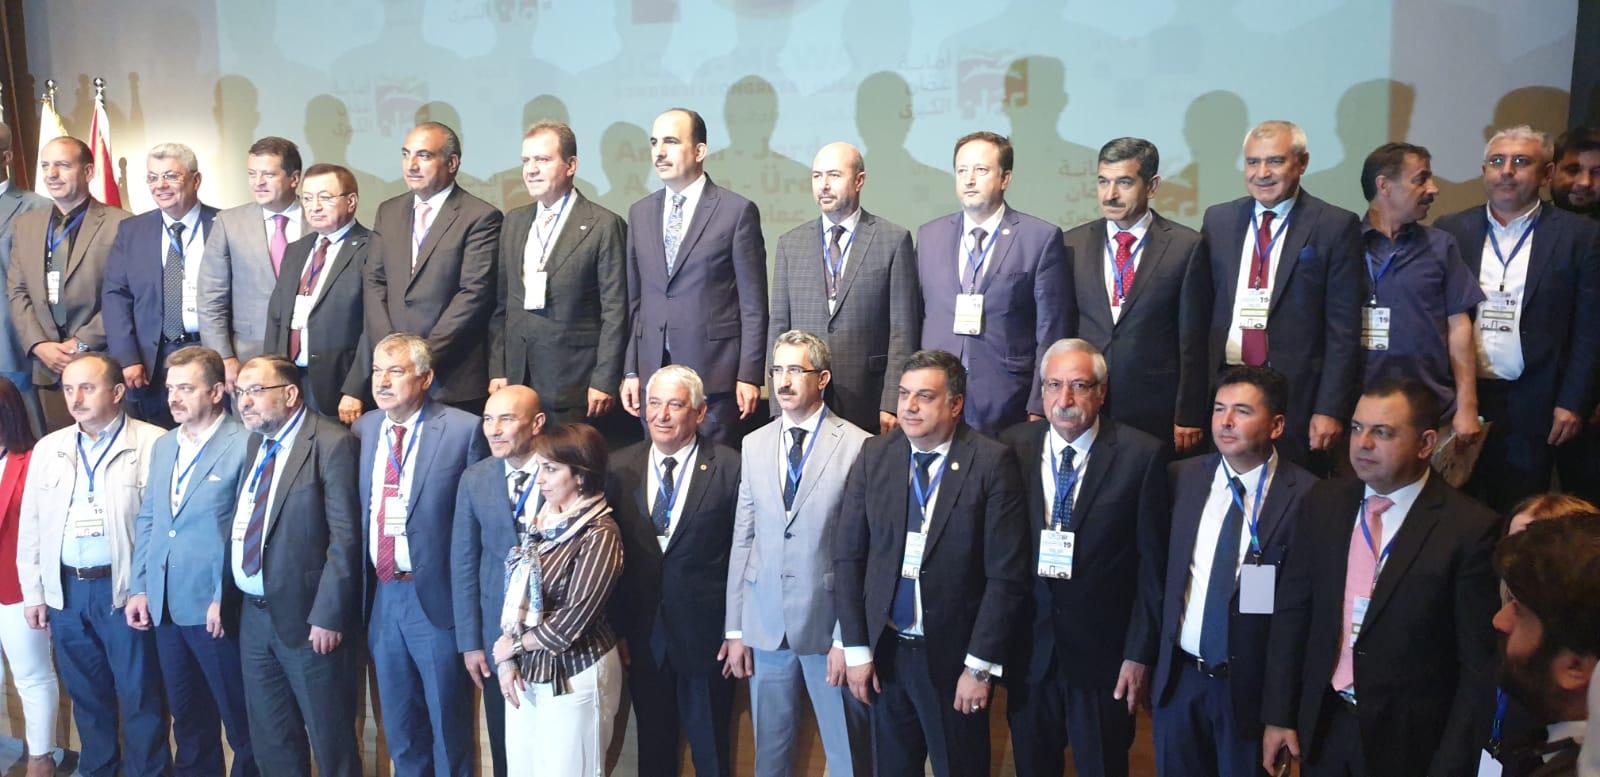 KKTC'den üç belediye Ürdün'de UCLG-Mewa Kongresi'ne katıldı